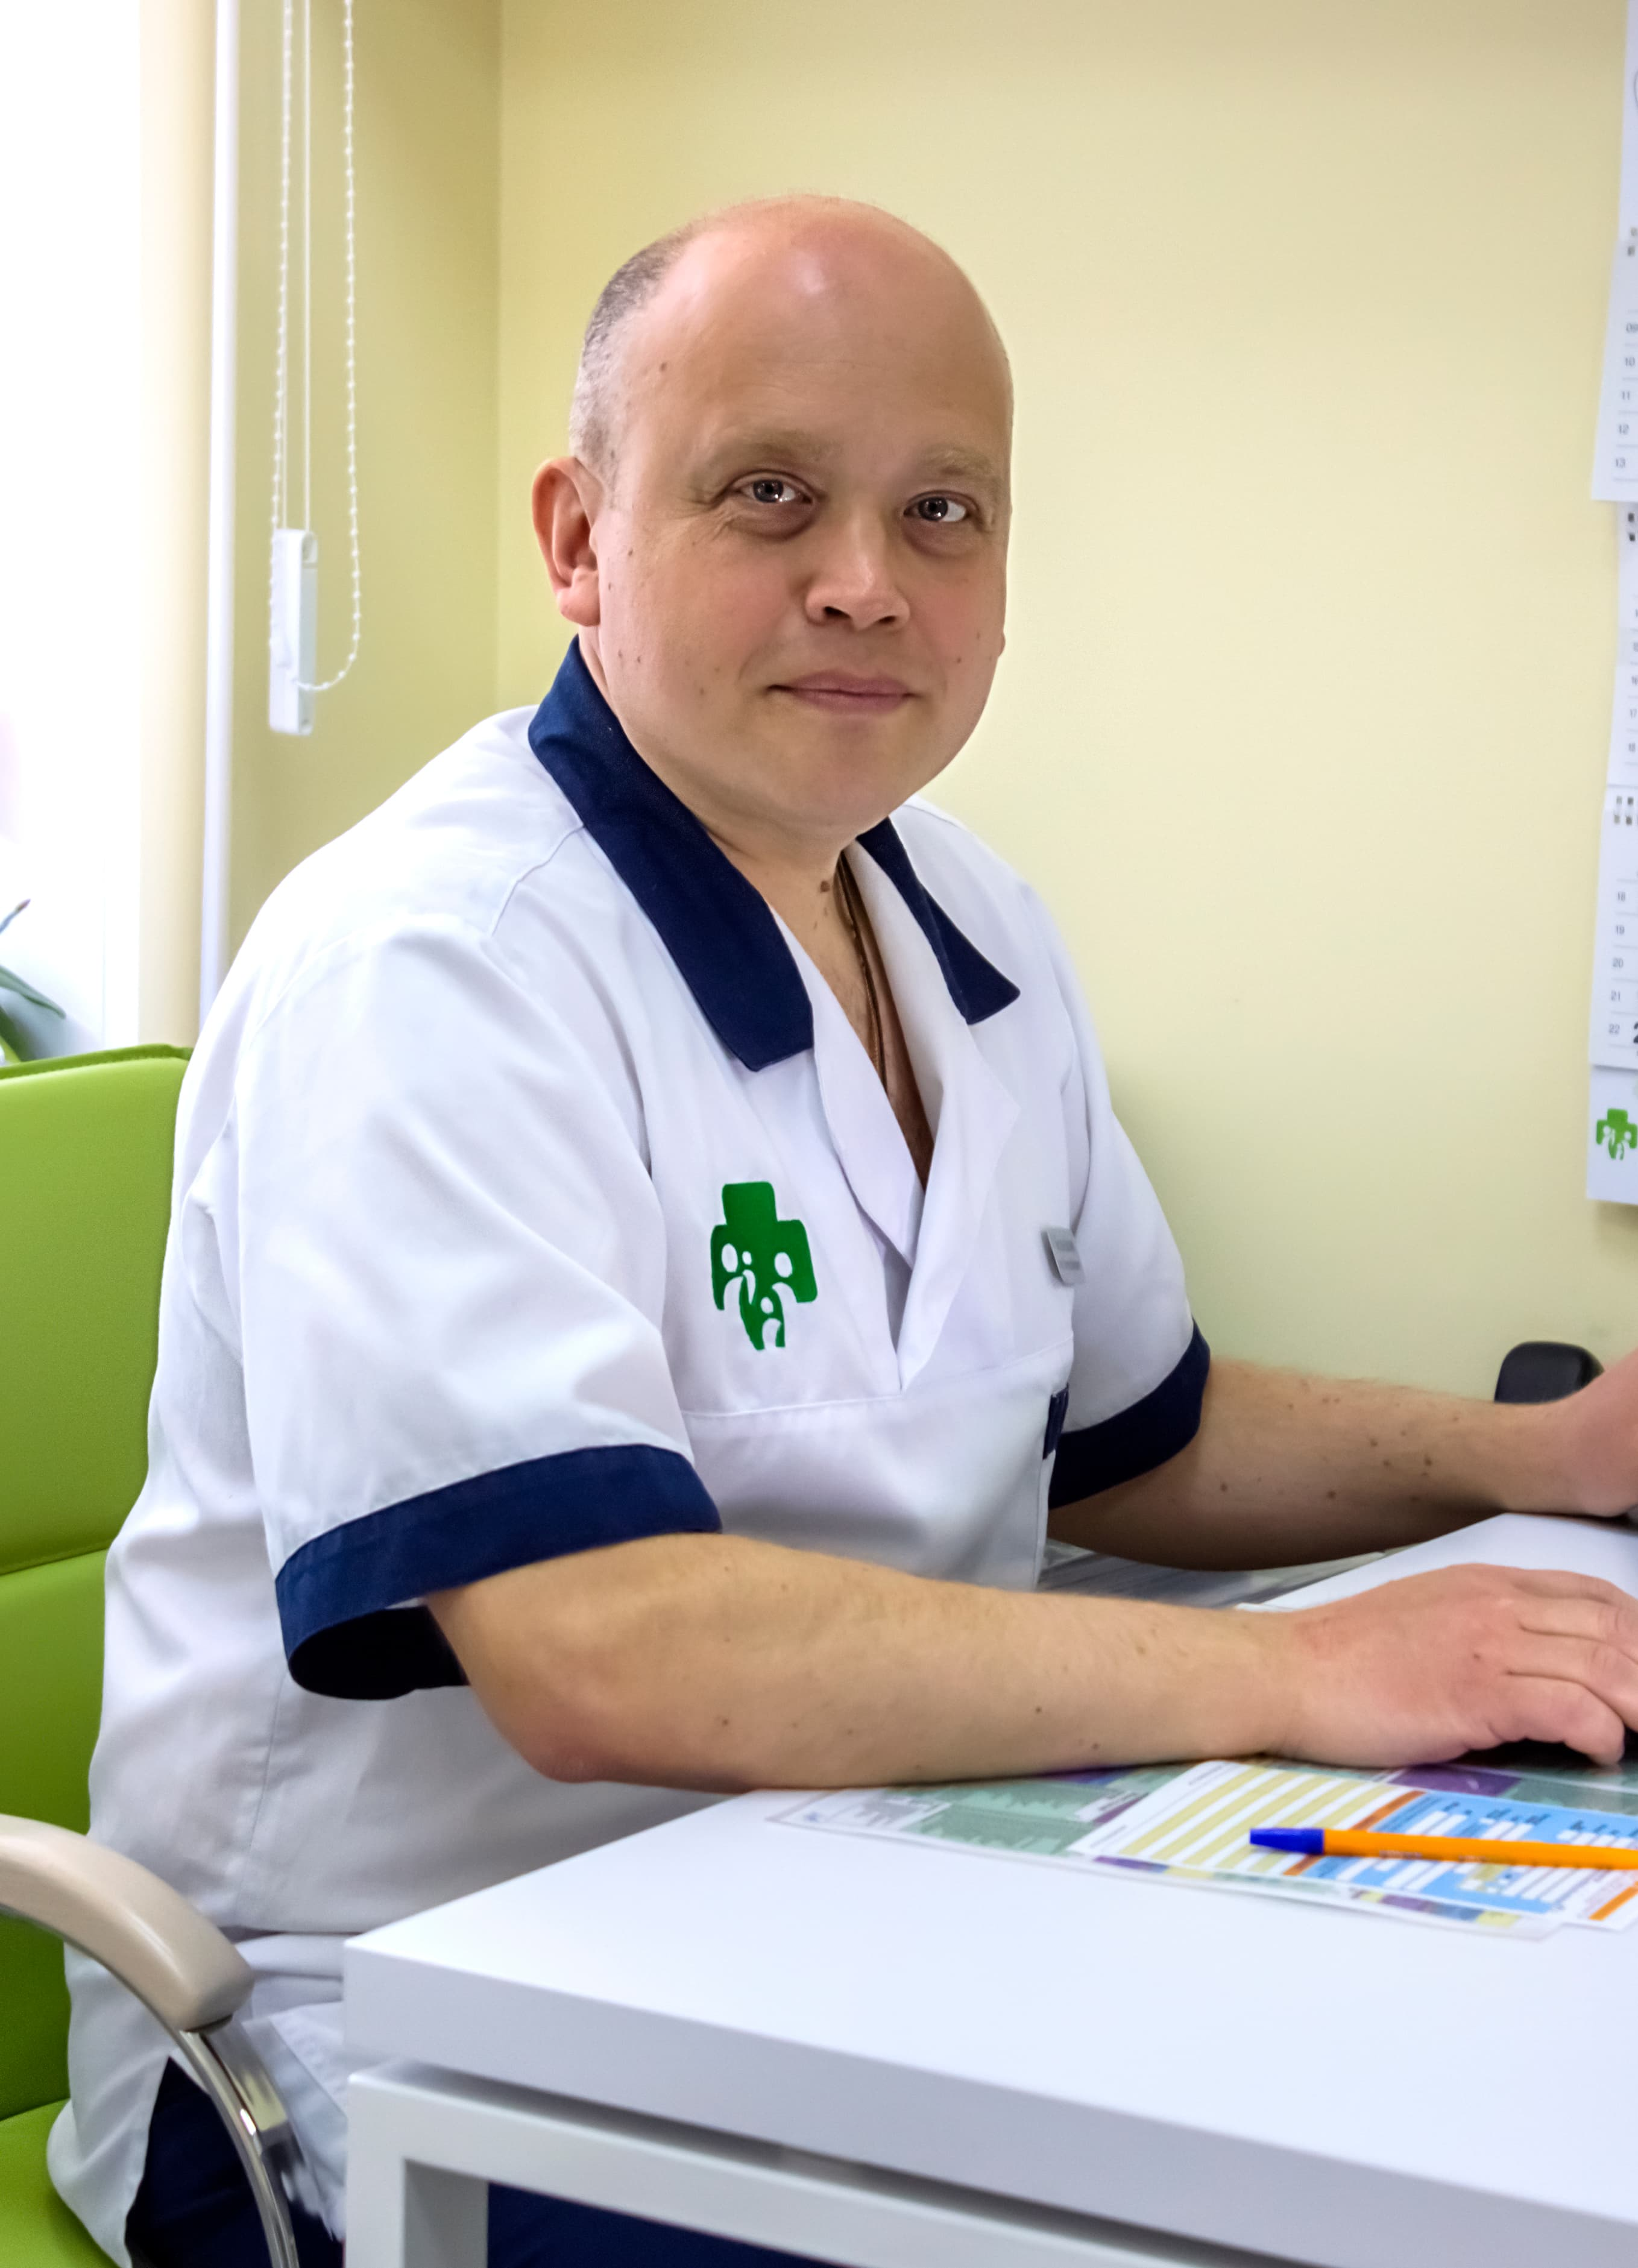 Бельчиков Игорь Алексеевич - семейный доктор